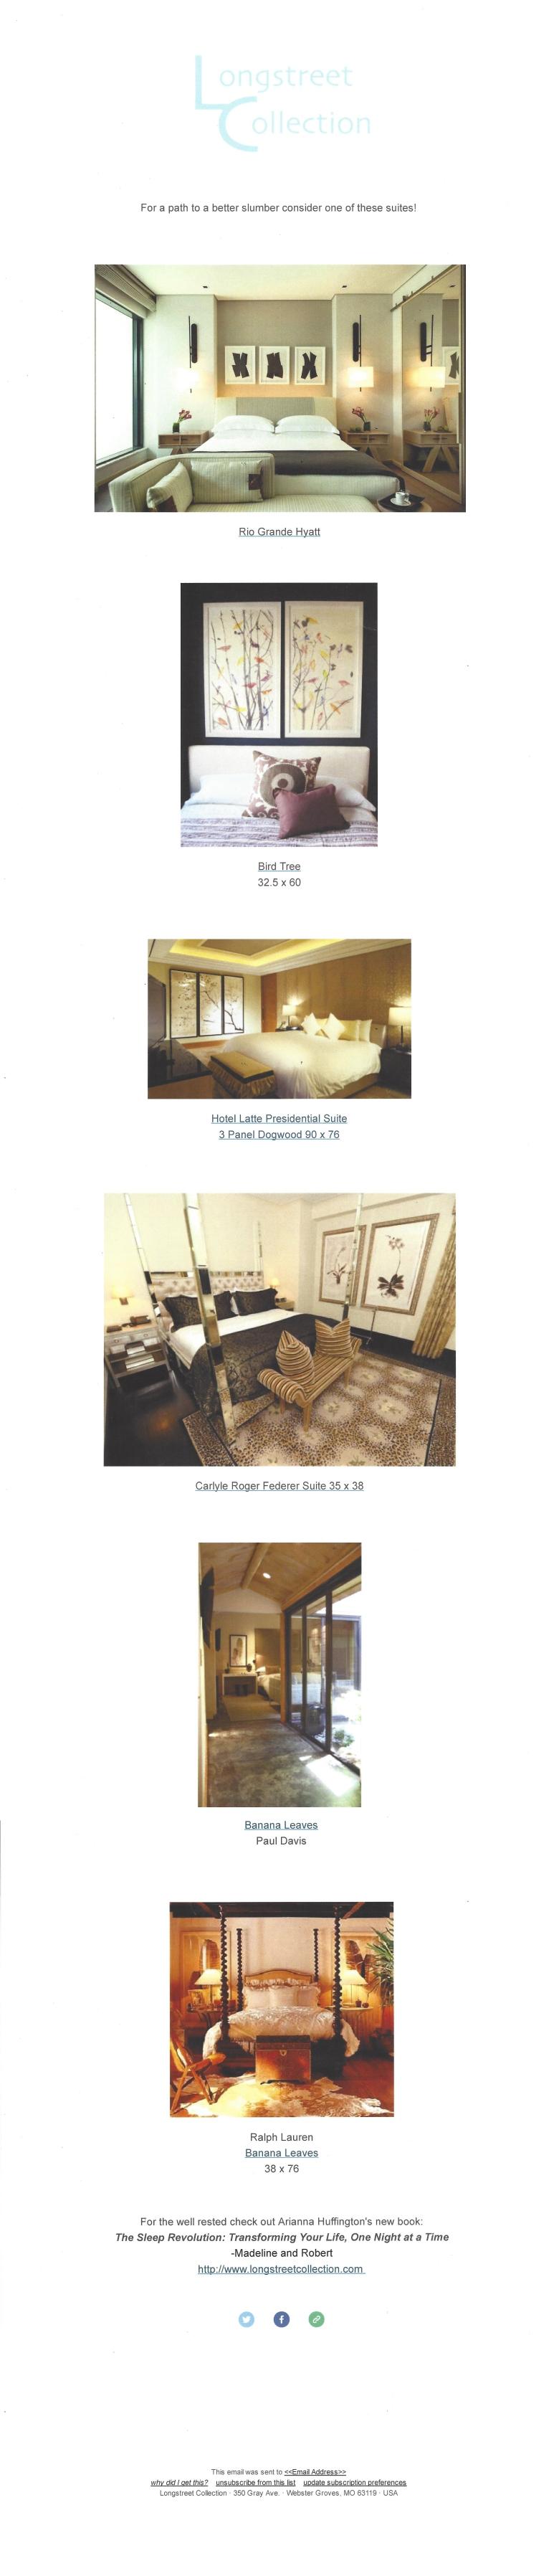 longstreet_hotel-newsletter